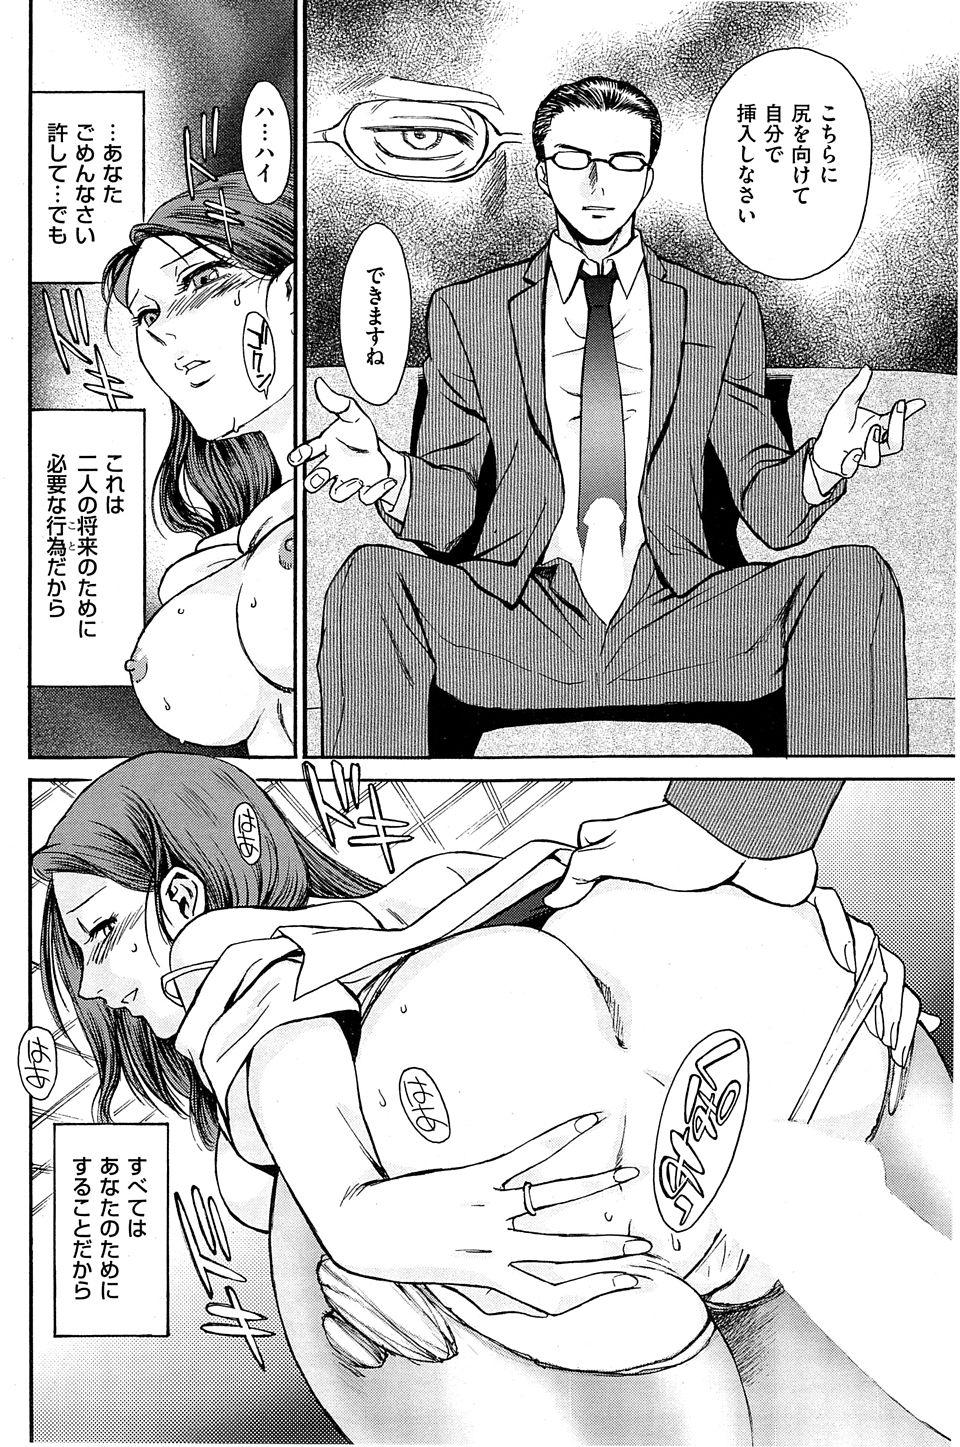 【エロ漫画・エロ同人誌】非常勤講師の巨乳人妻が契約更新の為にエッチしてるwww [ふじいあきこ] 牝の時間 FILE:01 (12)